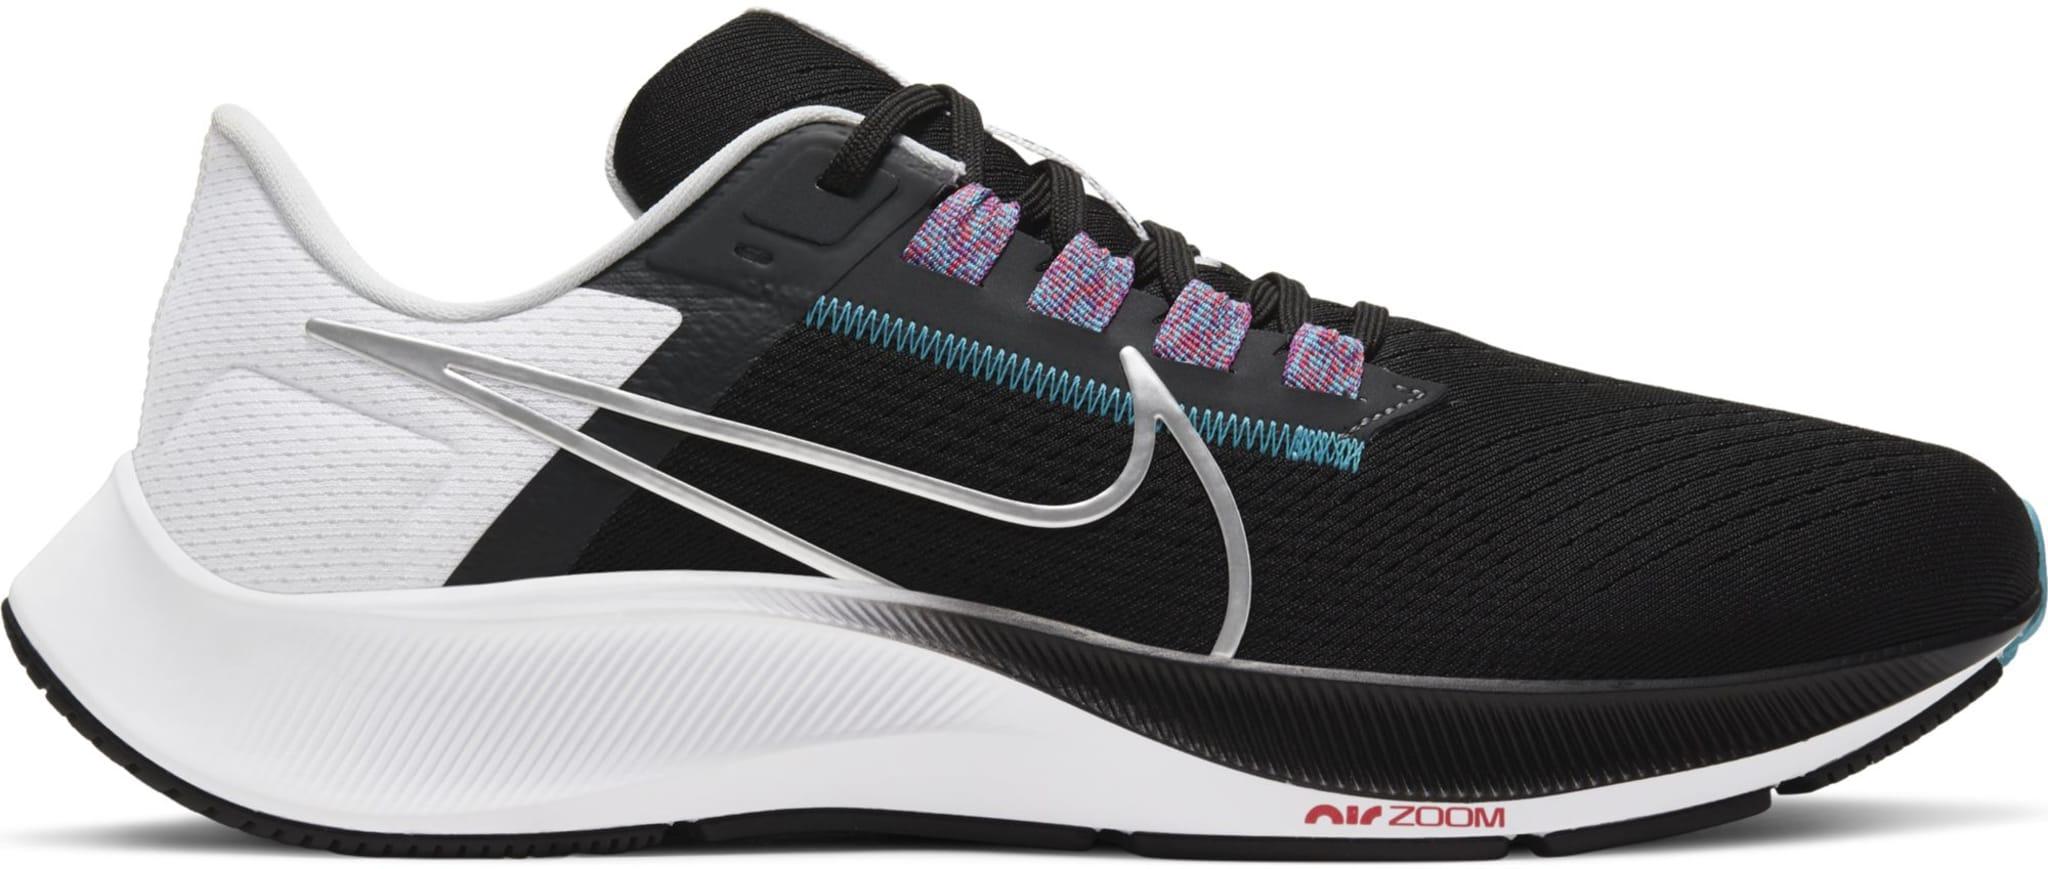 Allsidig og slitesterk løpesko med responsivt skum